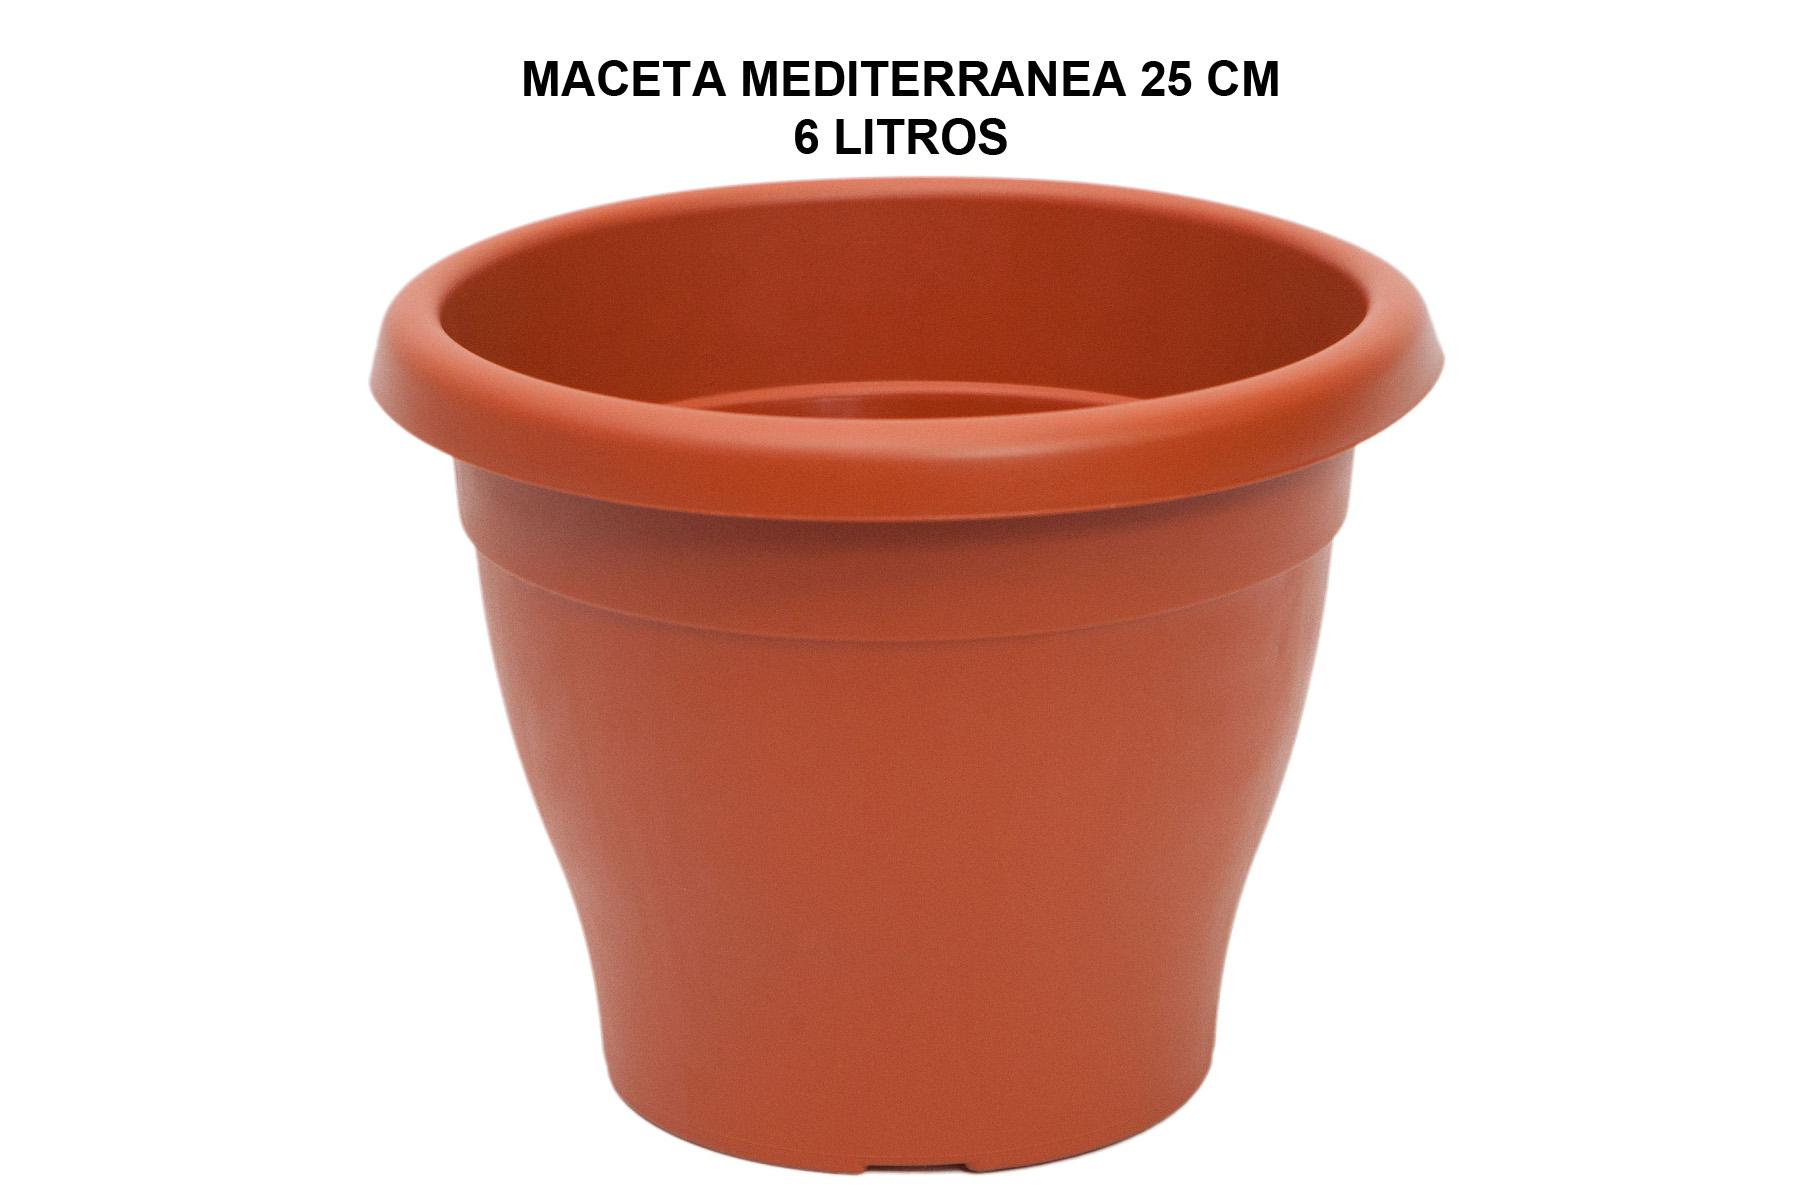 MACETA MEDITERRANEA 25 CM P